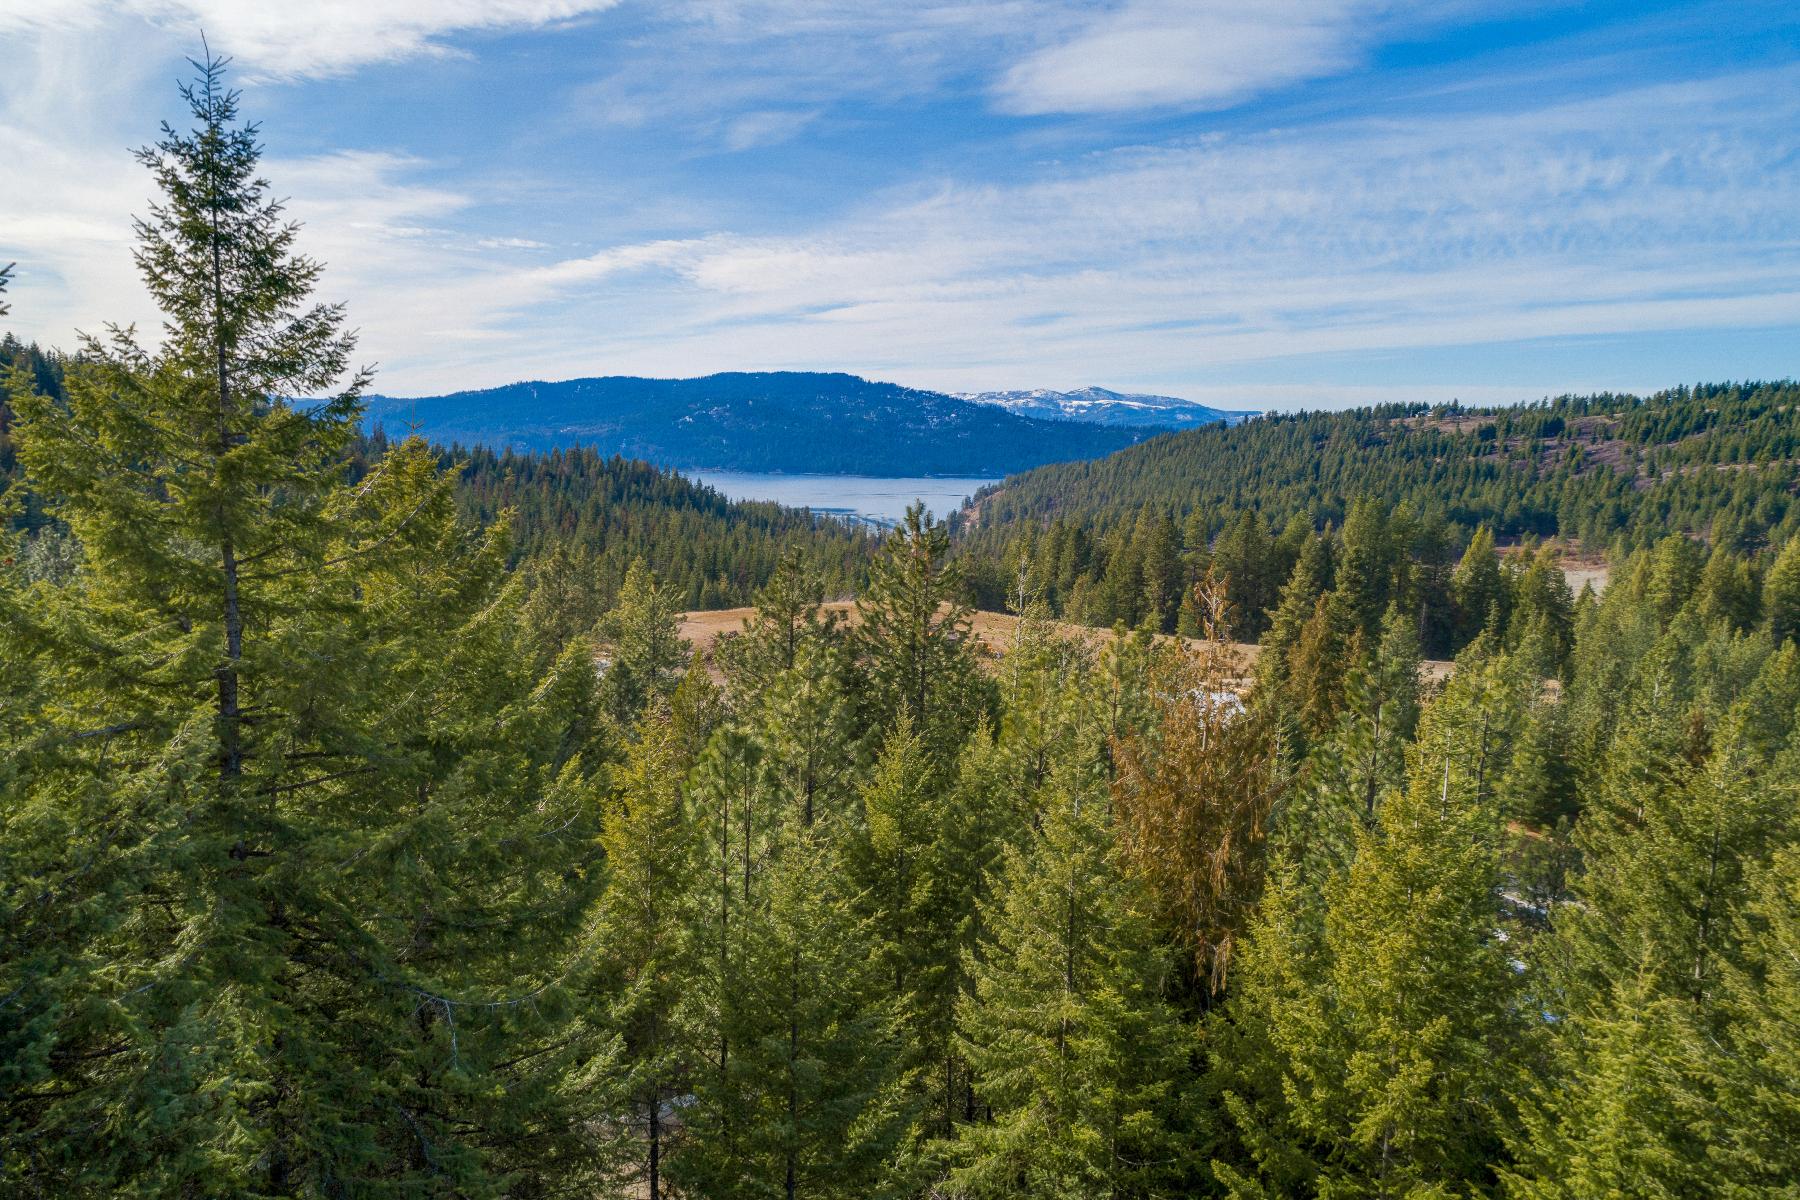 Terreno por un Venta en 34 Treed Acres with Lake Views 0 Carlin Bay Rd. Harrison, Idaho 83833 Estados Unidos